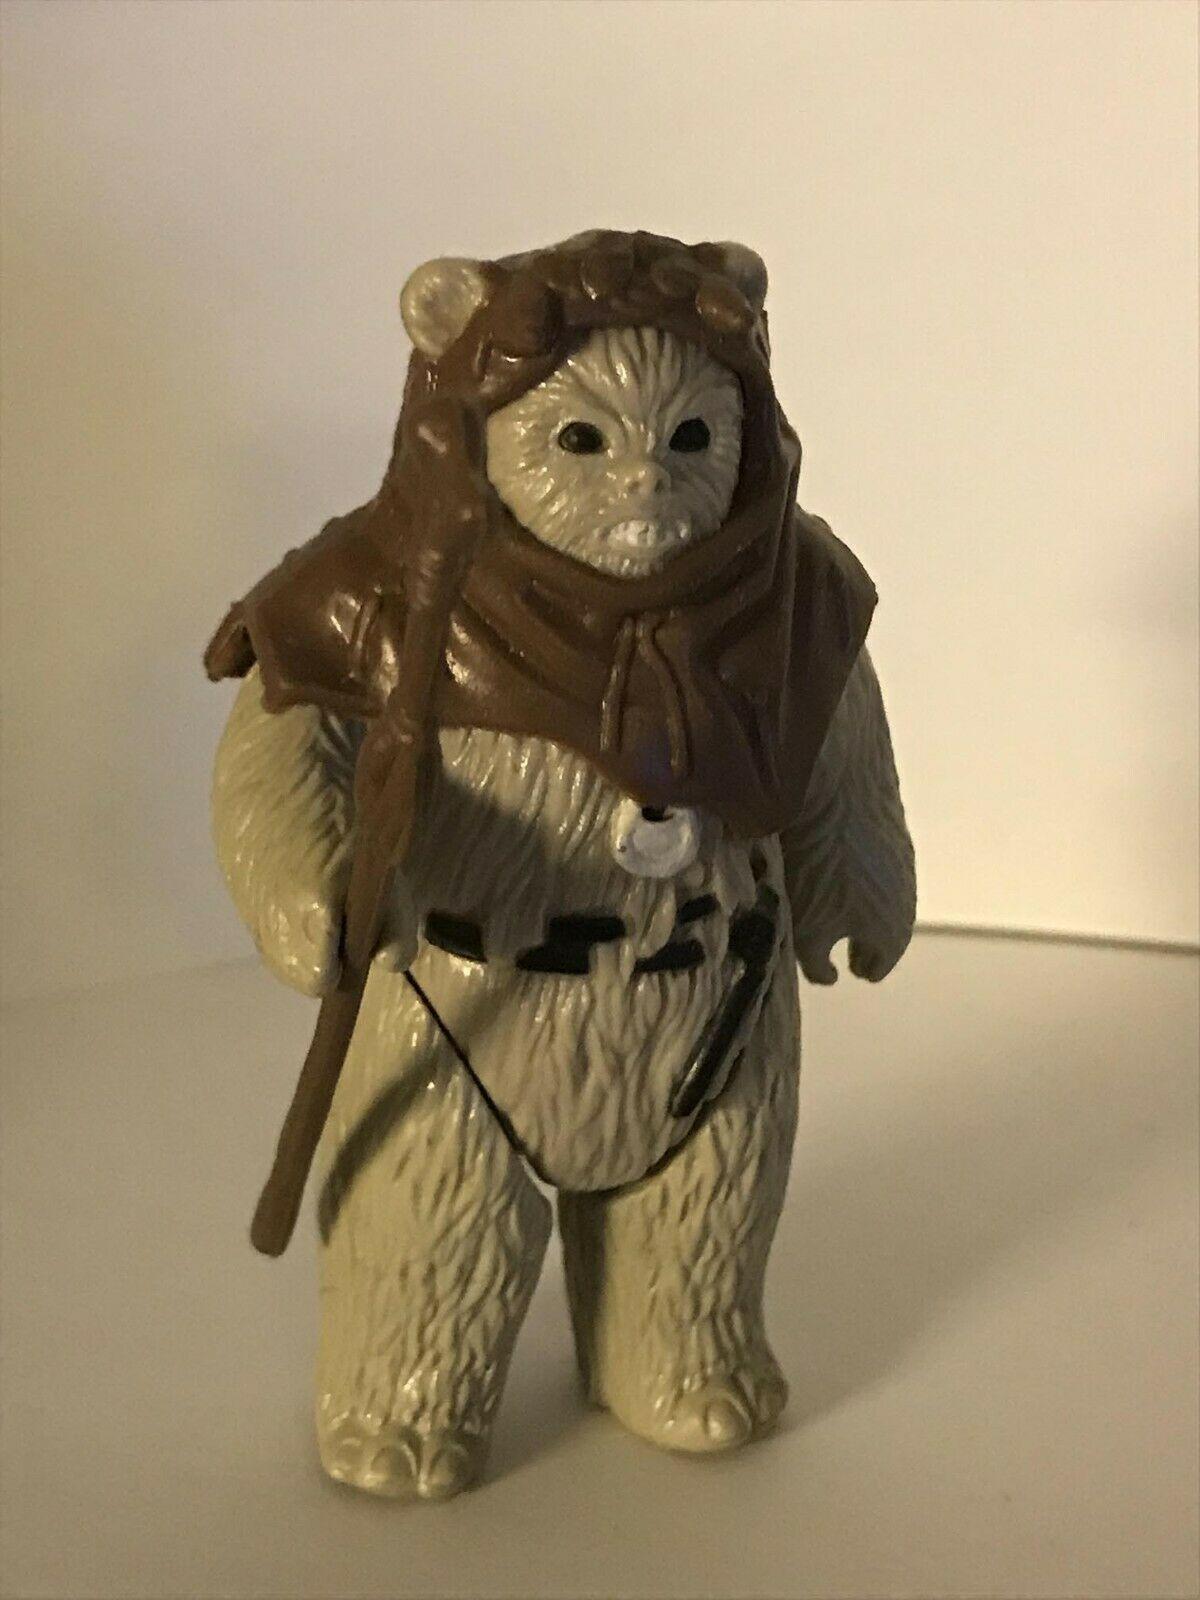 StarWars collection : Figurine StarWars 1983 : Ewok Chief [FULL]